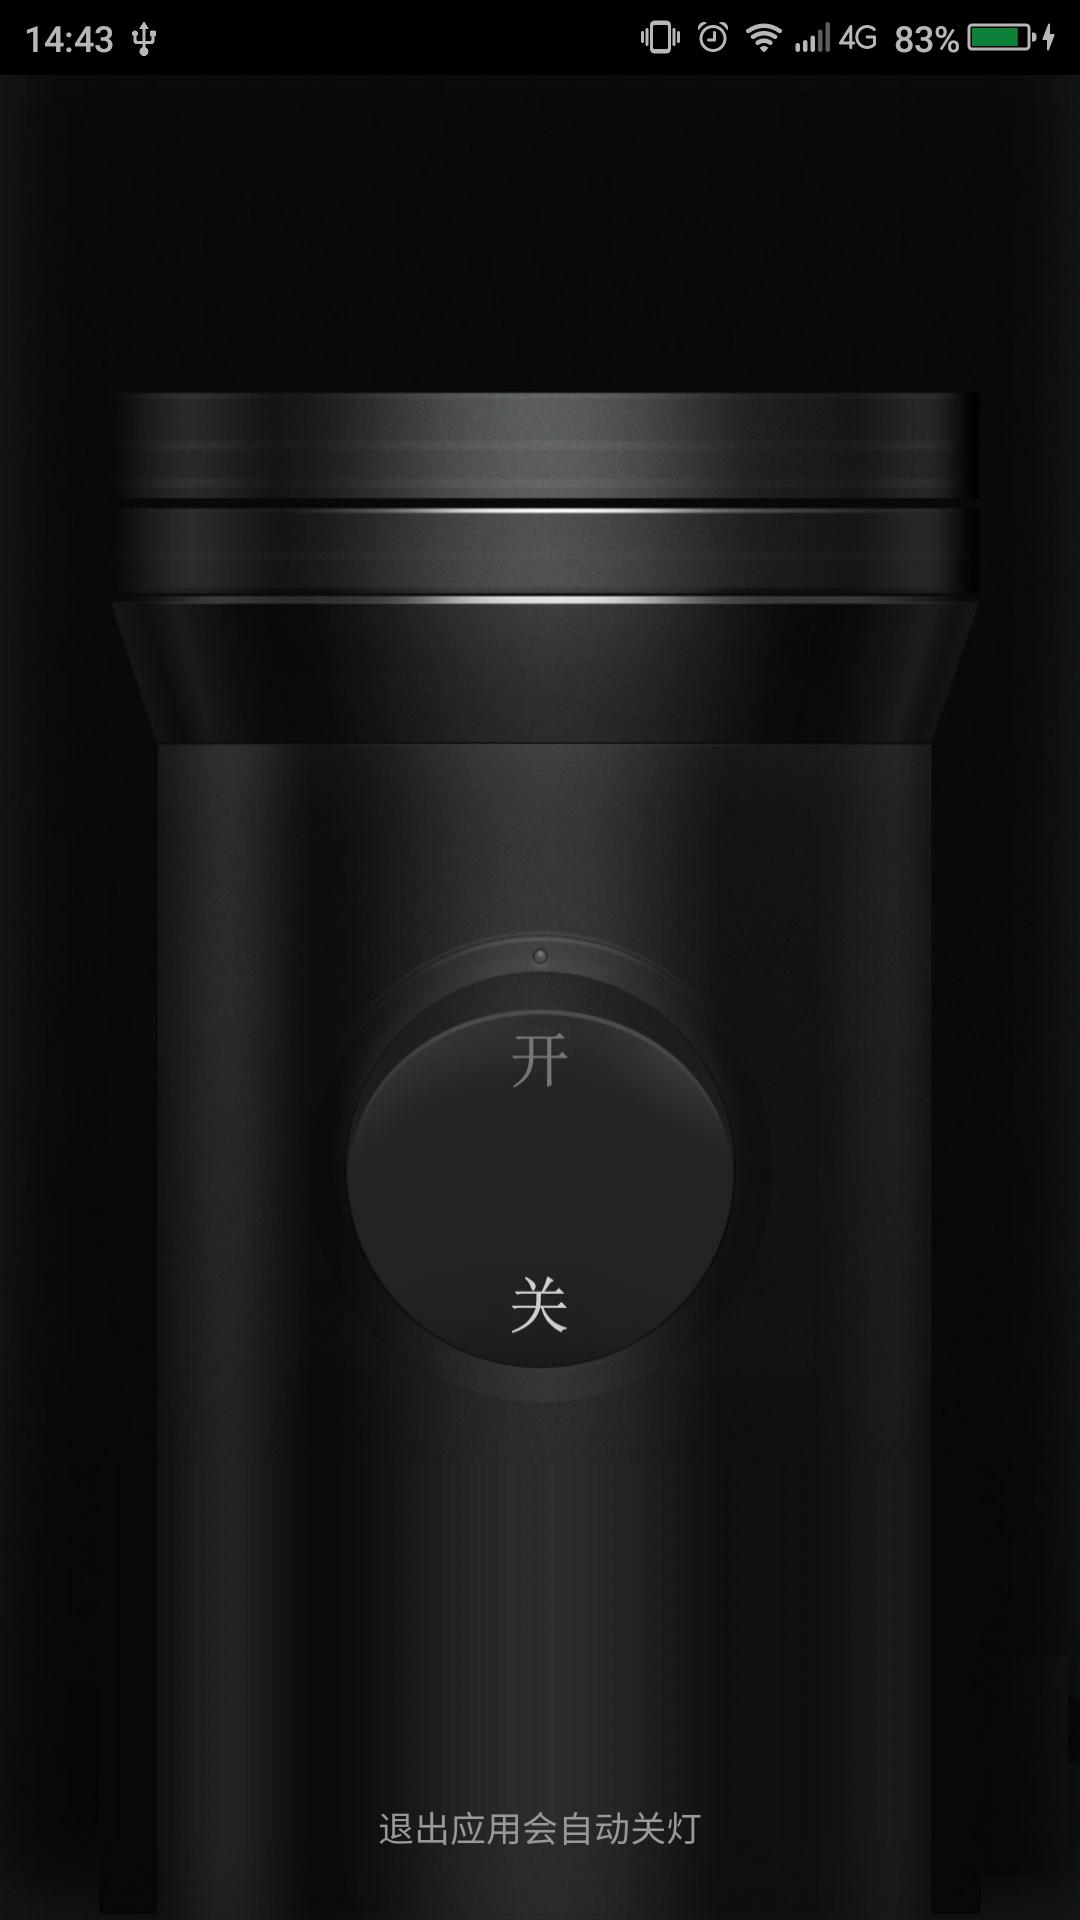 簡約手電筒-簡單、佔地兒小、沒廣告